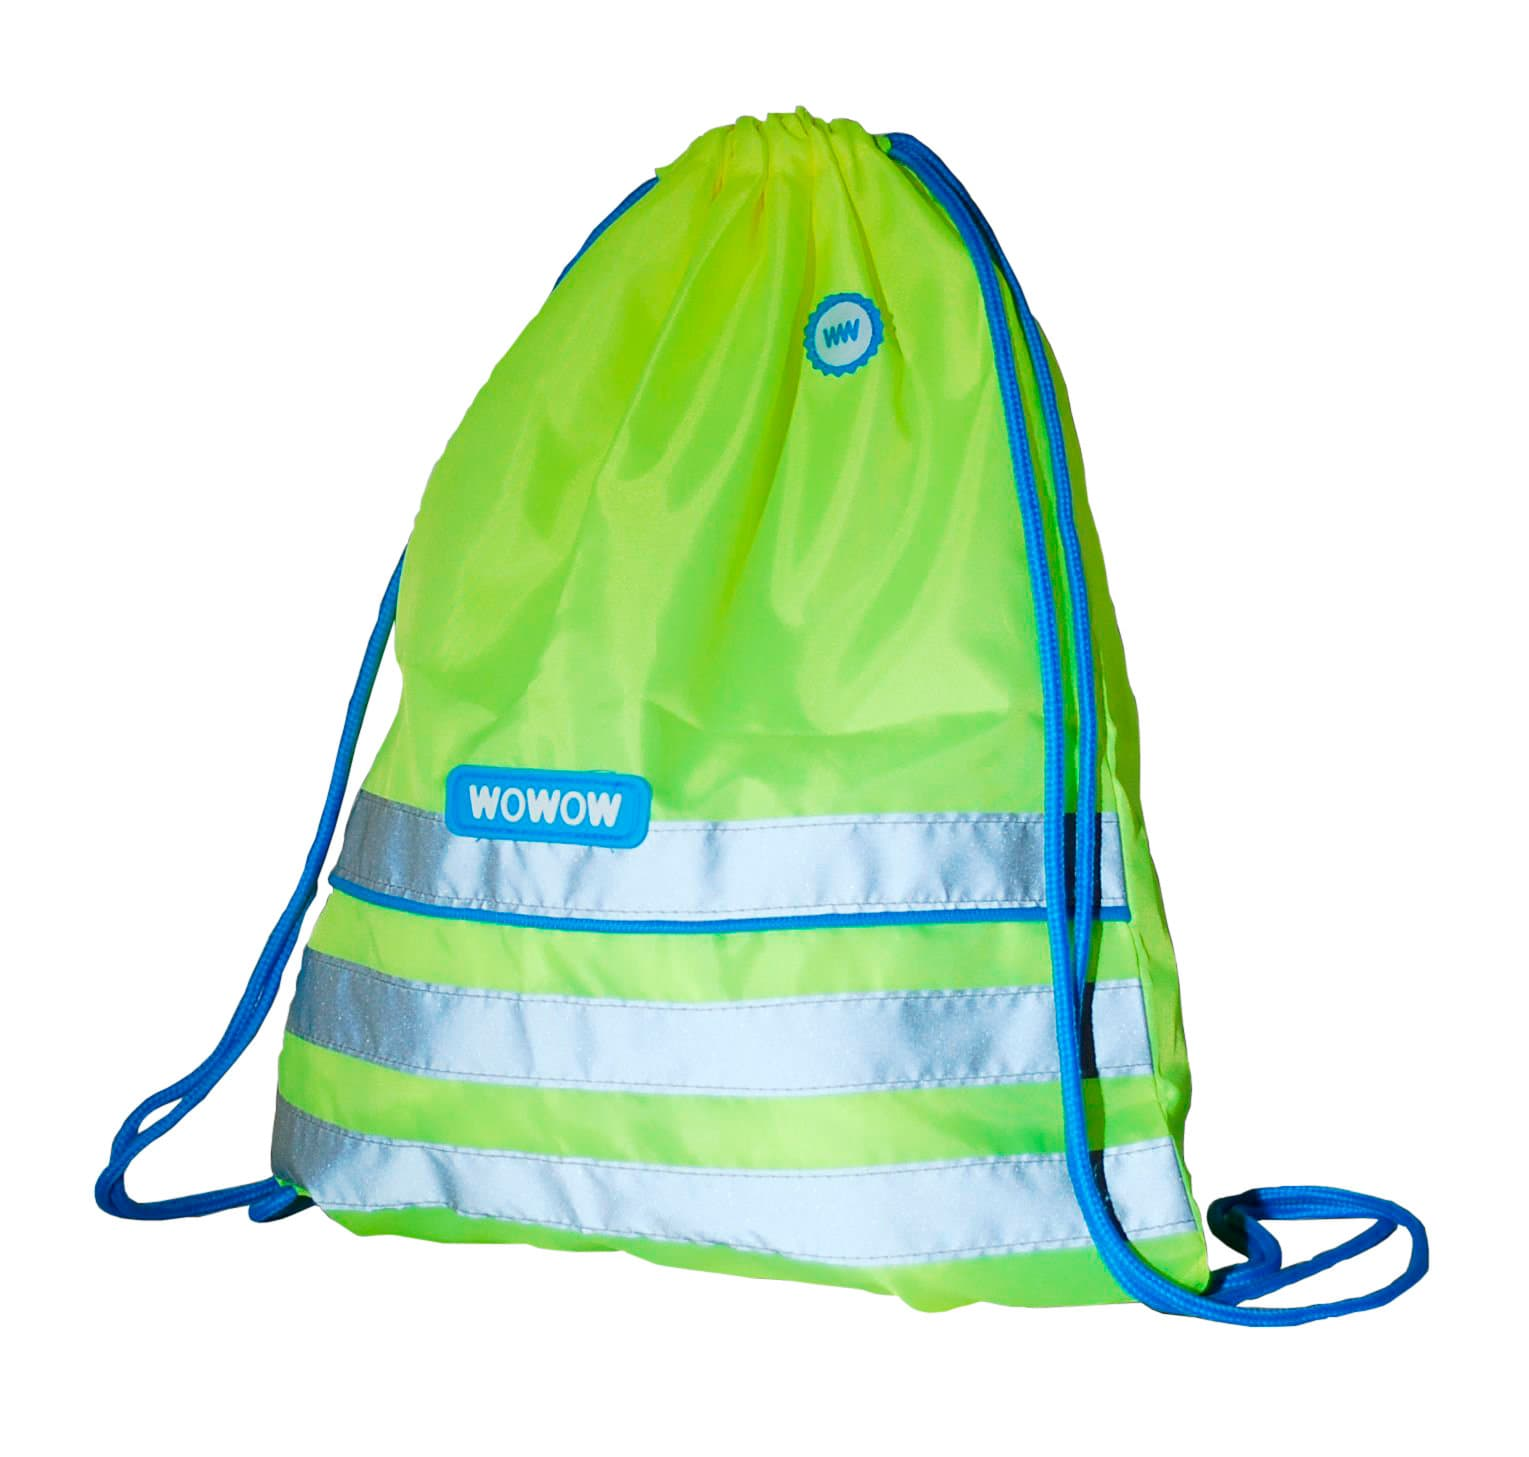 Wowow Sport Bag giallo